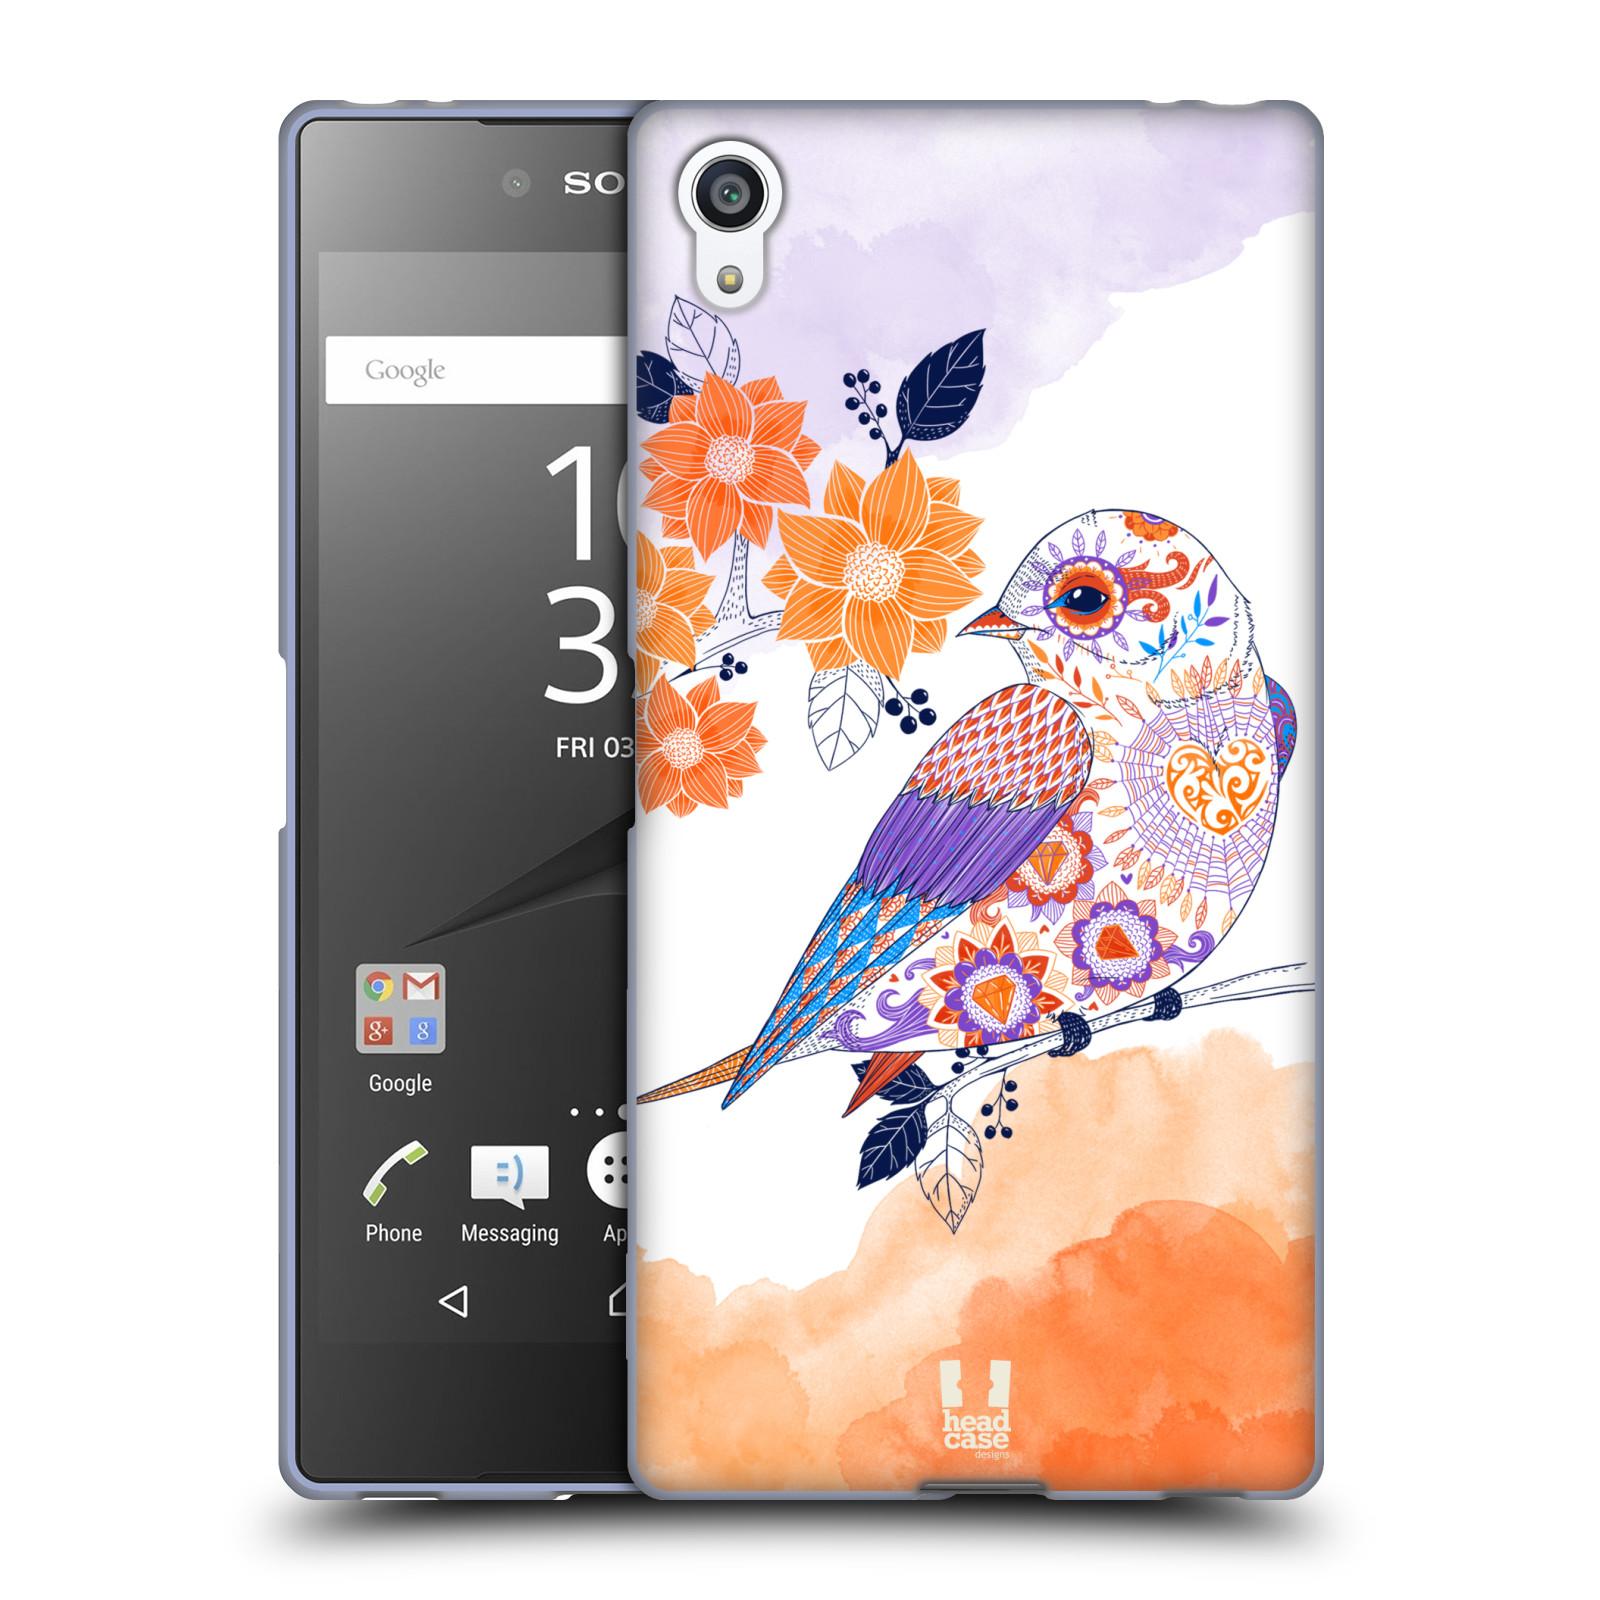 Silikonové pouzdro na mobil Sony Xperia Z5 Premium HEAD CASE PTÁČEK TANGERINE